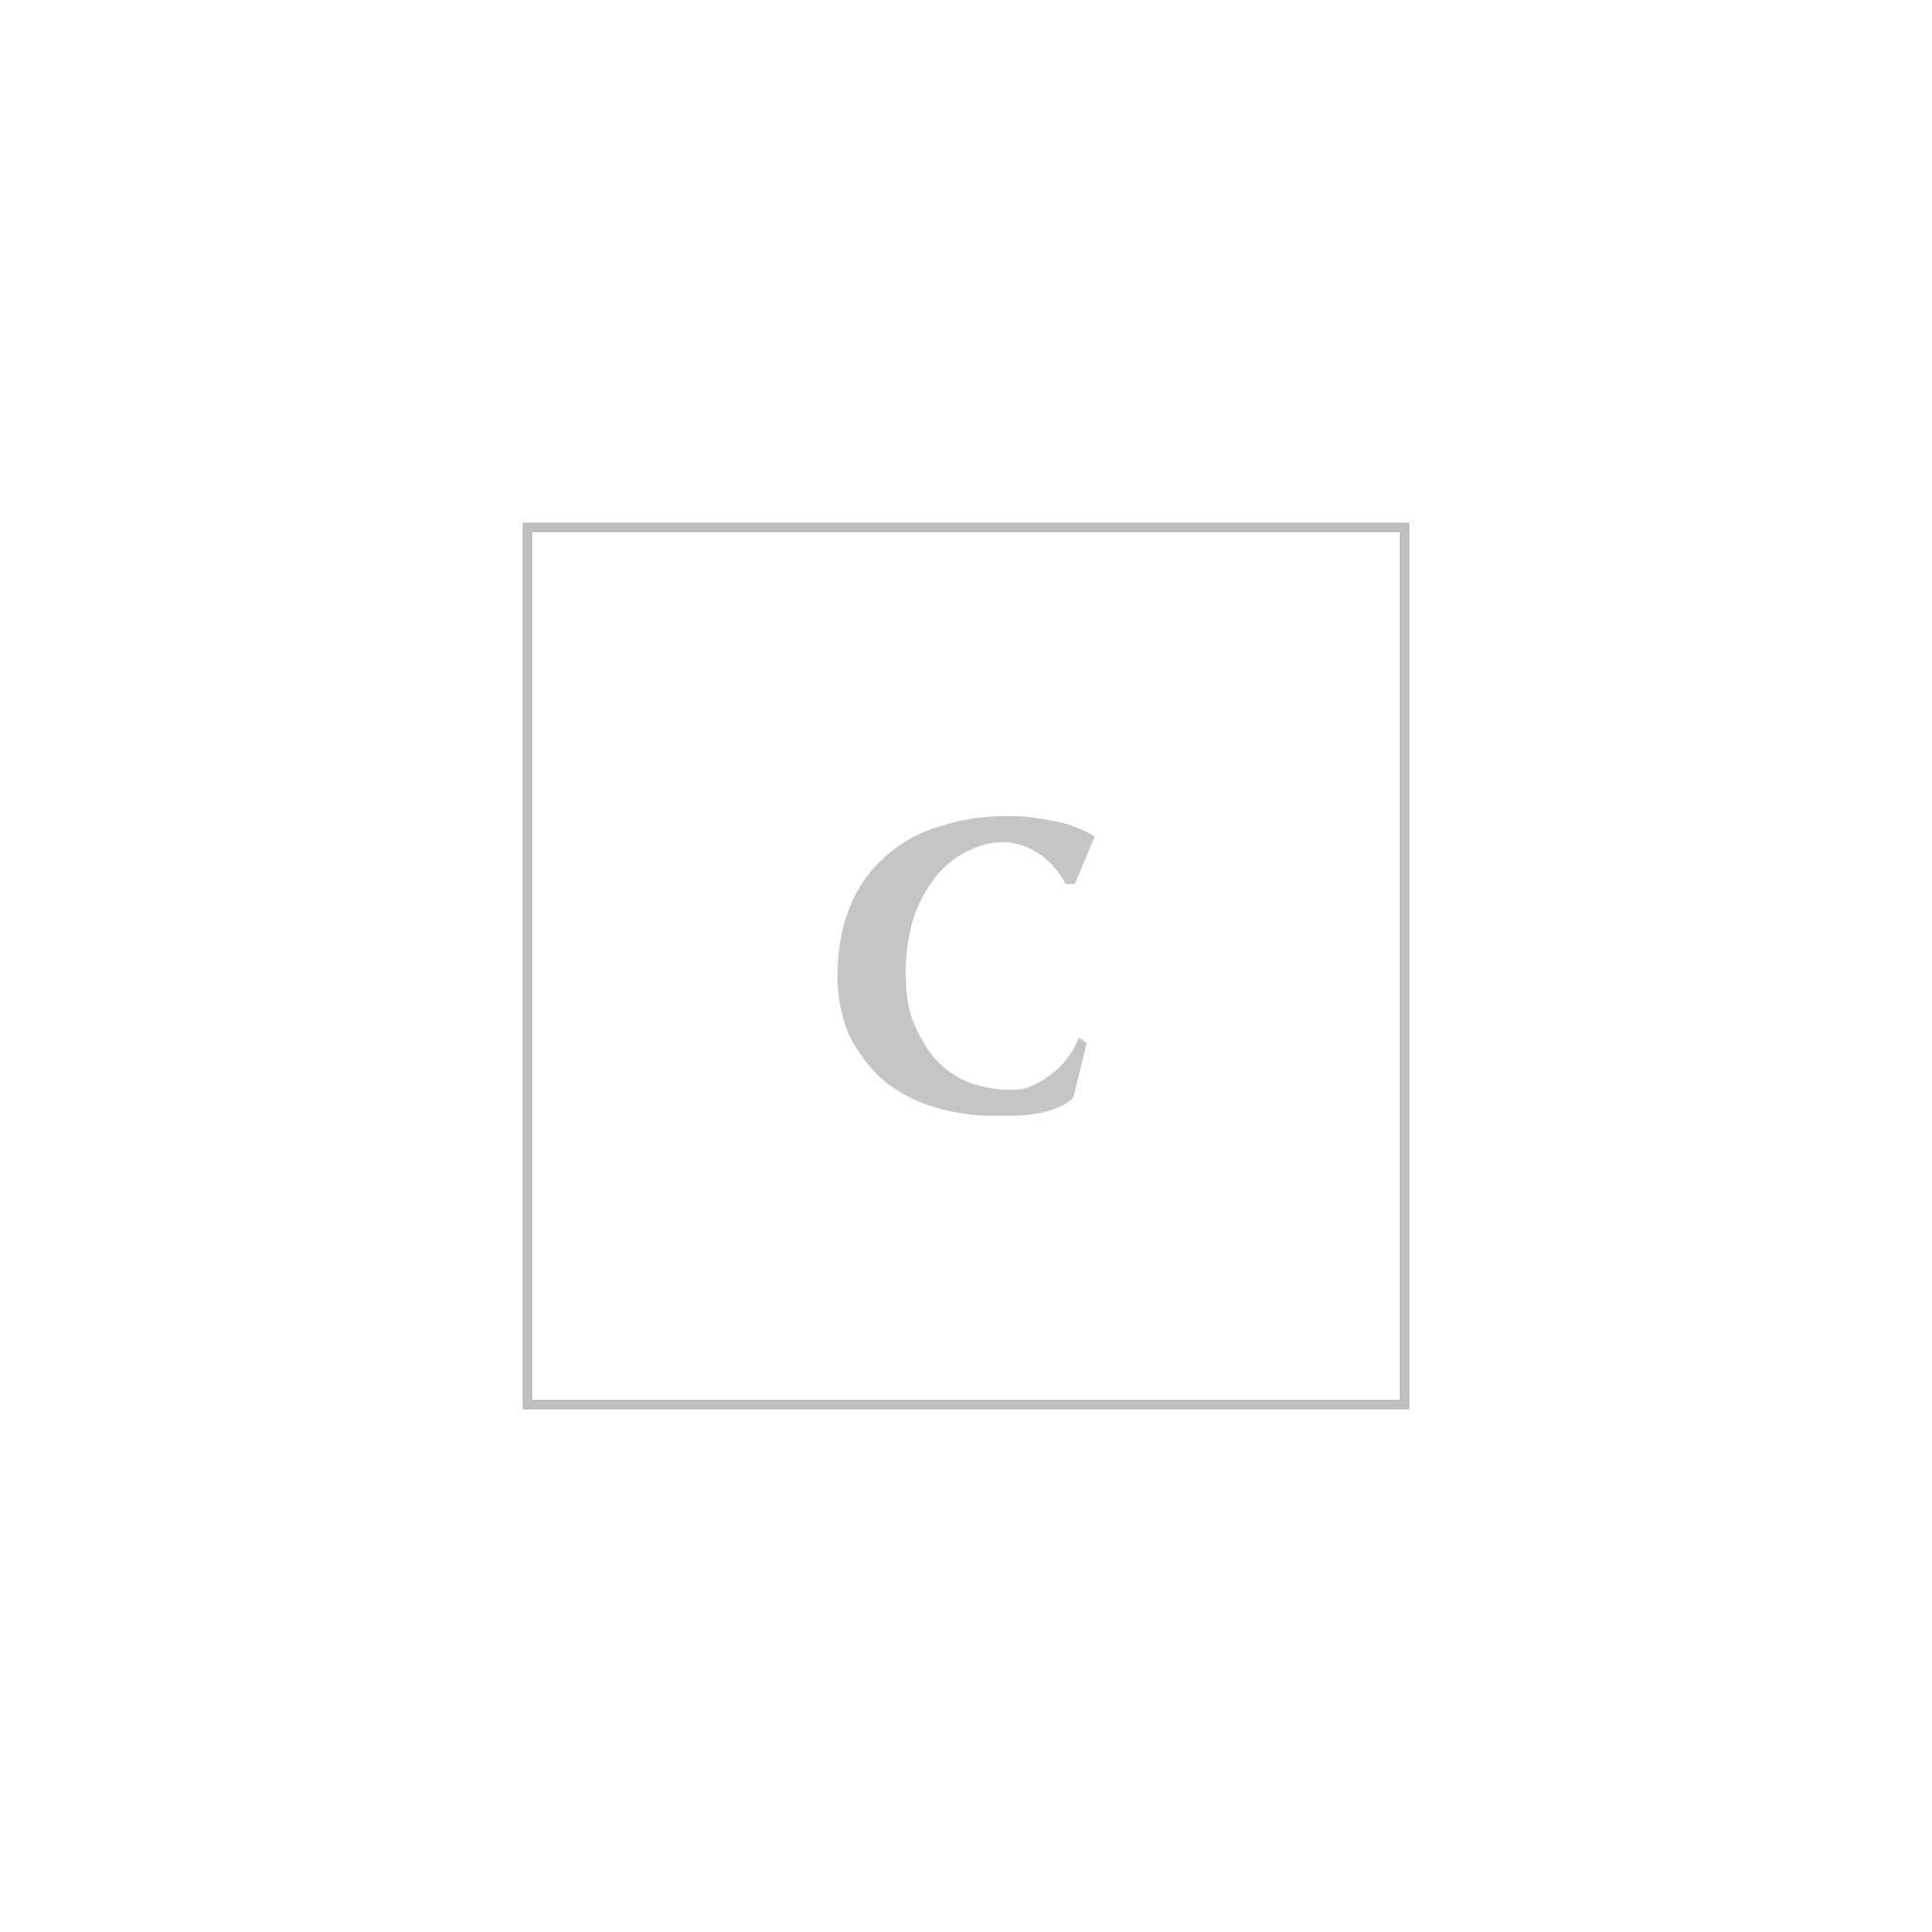 Moncler grenoble giubbotto beuvron